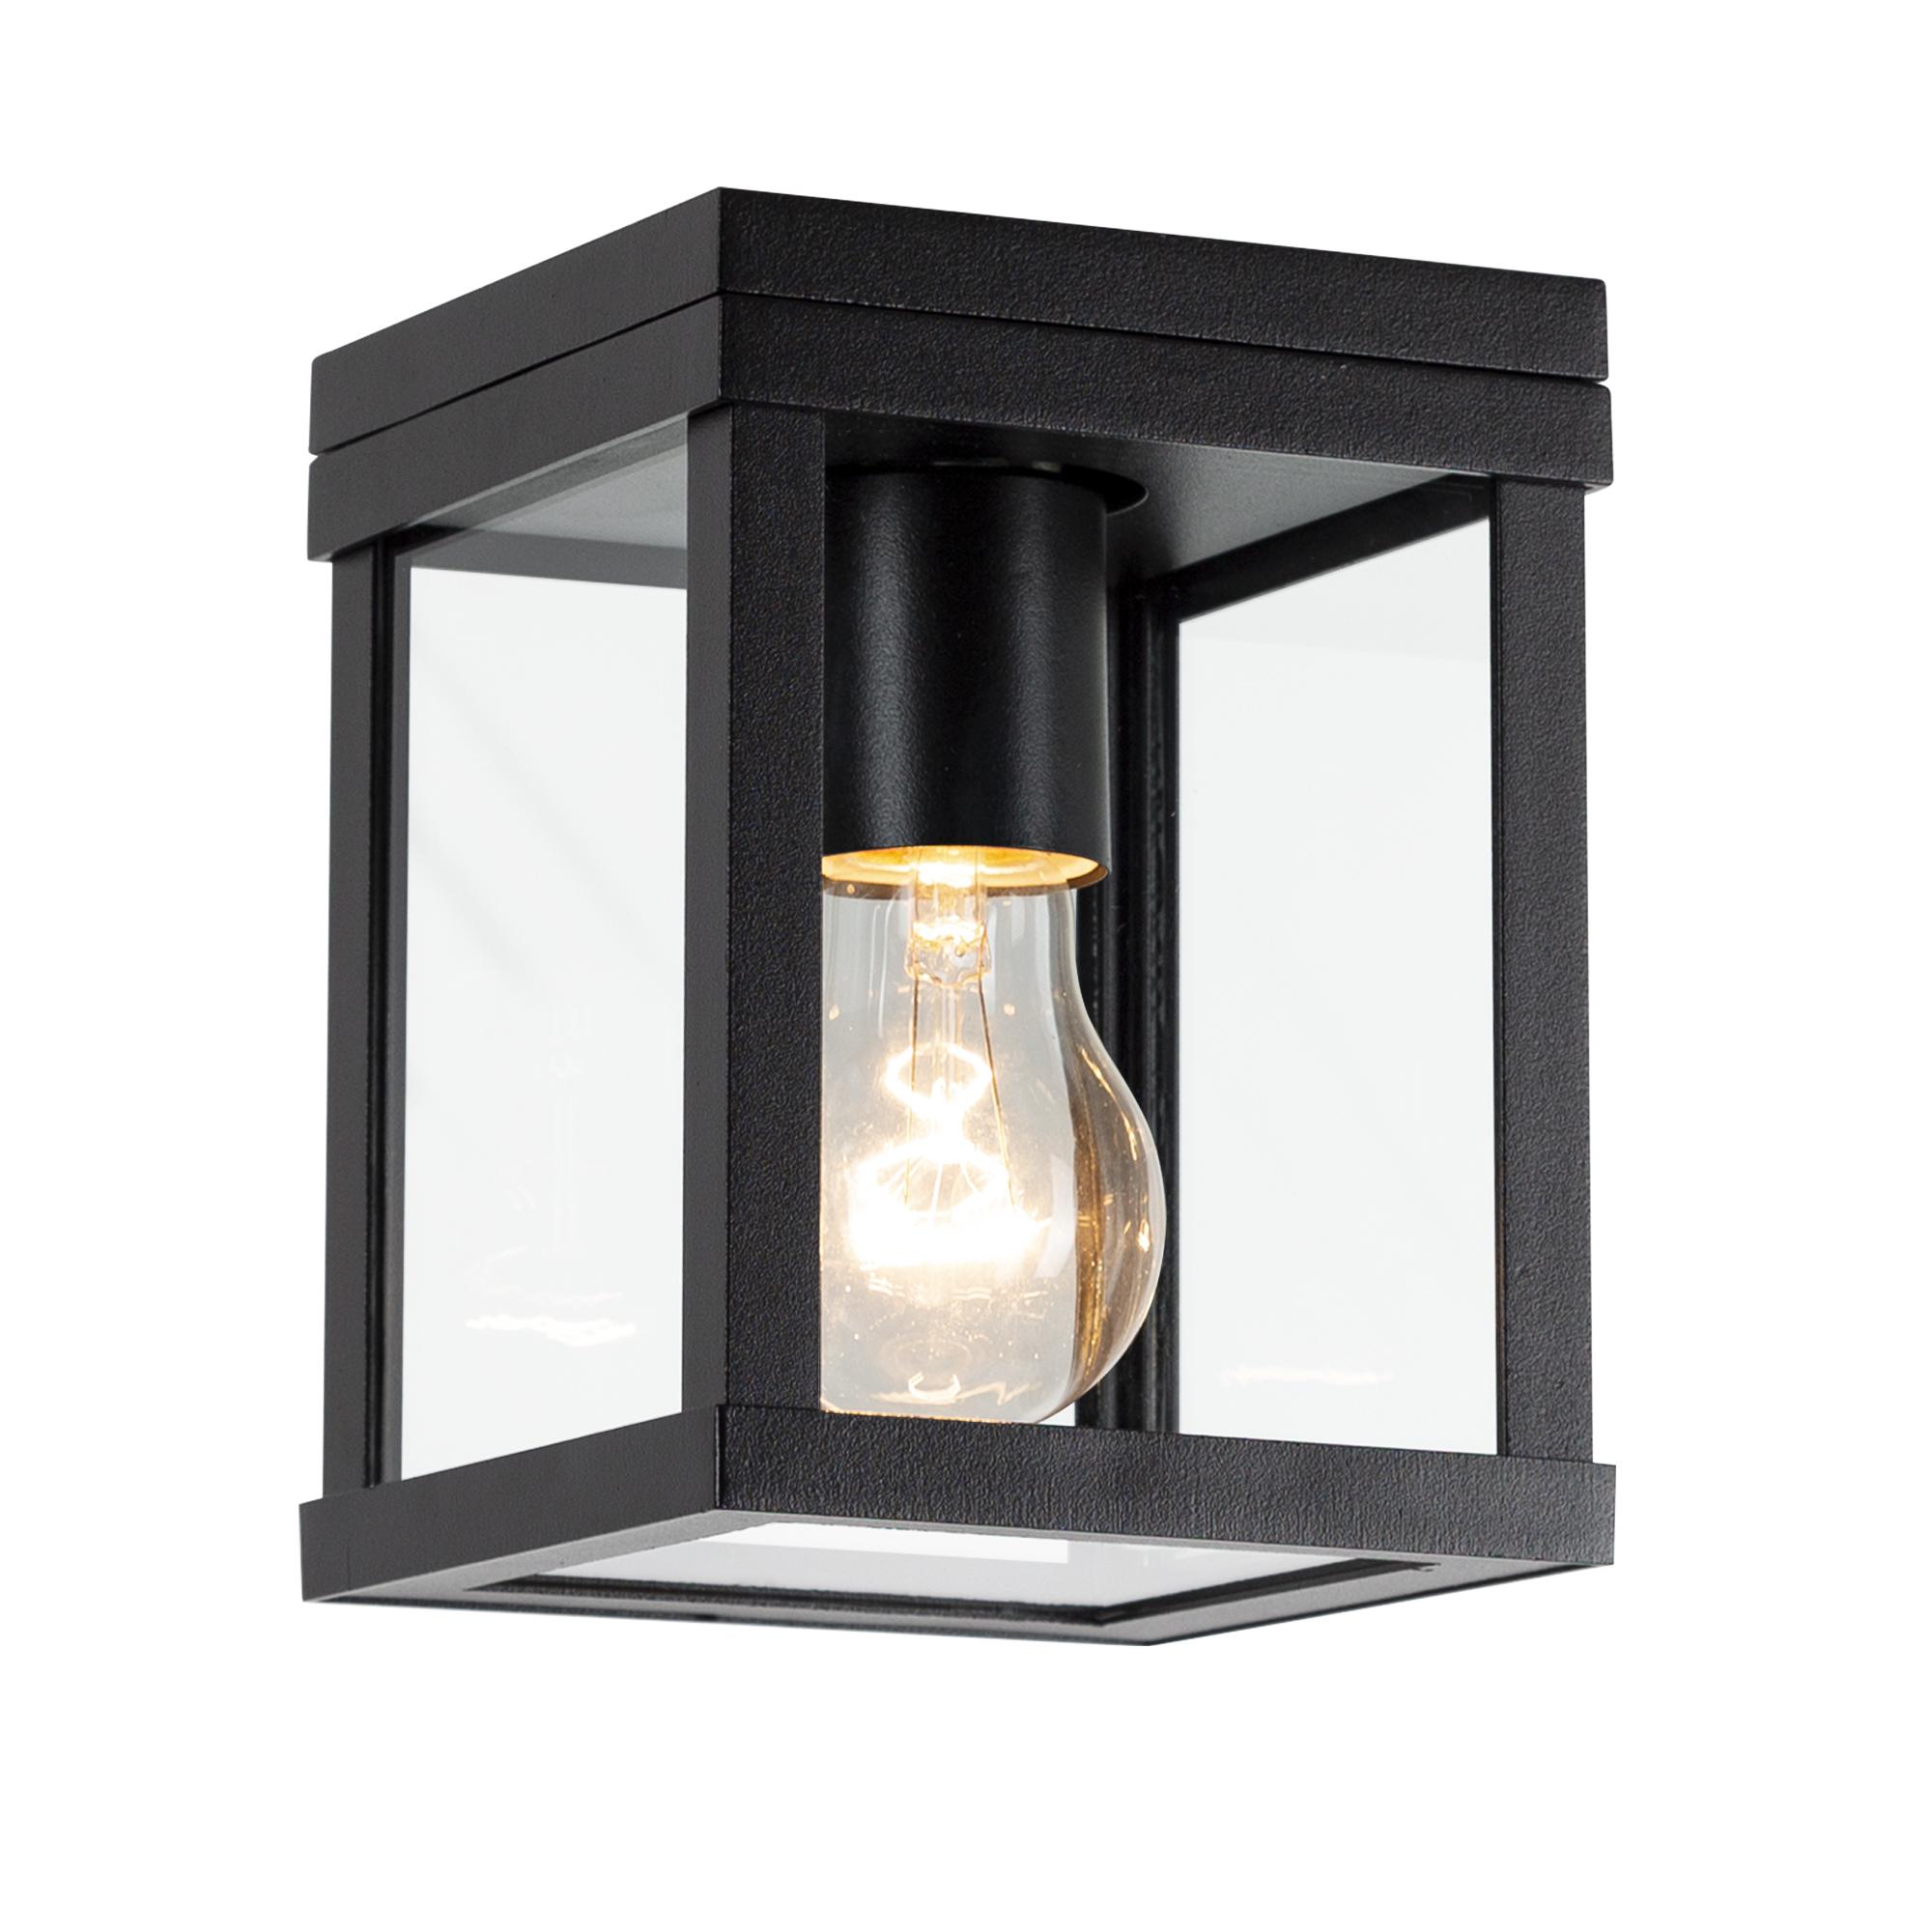 Plafondlamp Buiten Huizen Zwart